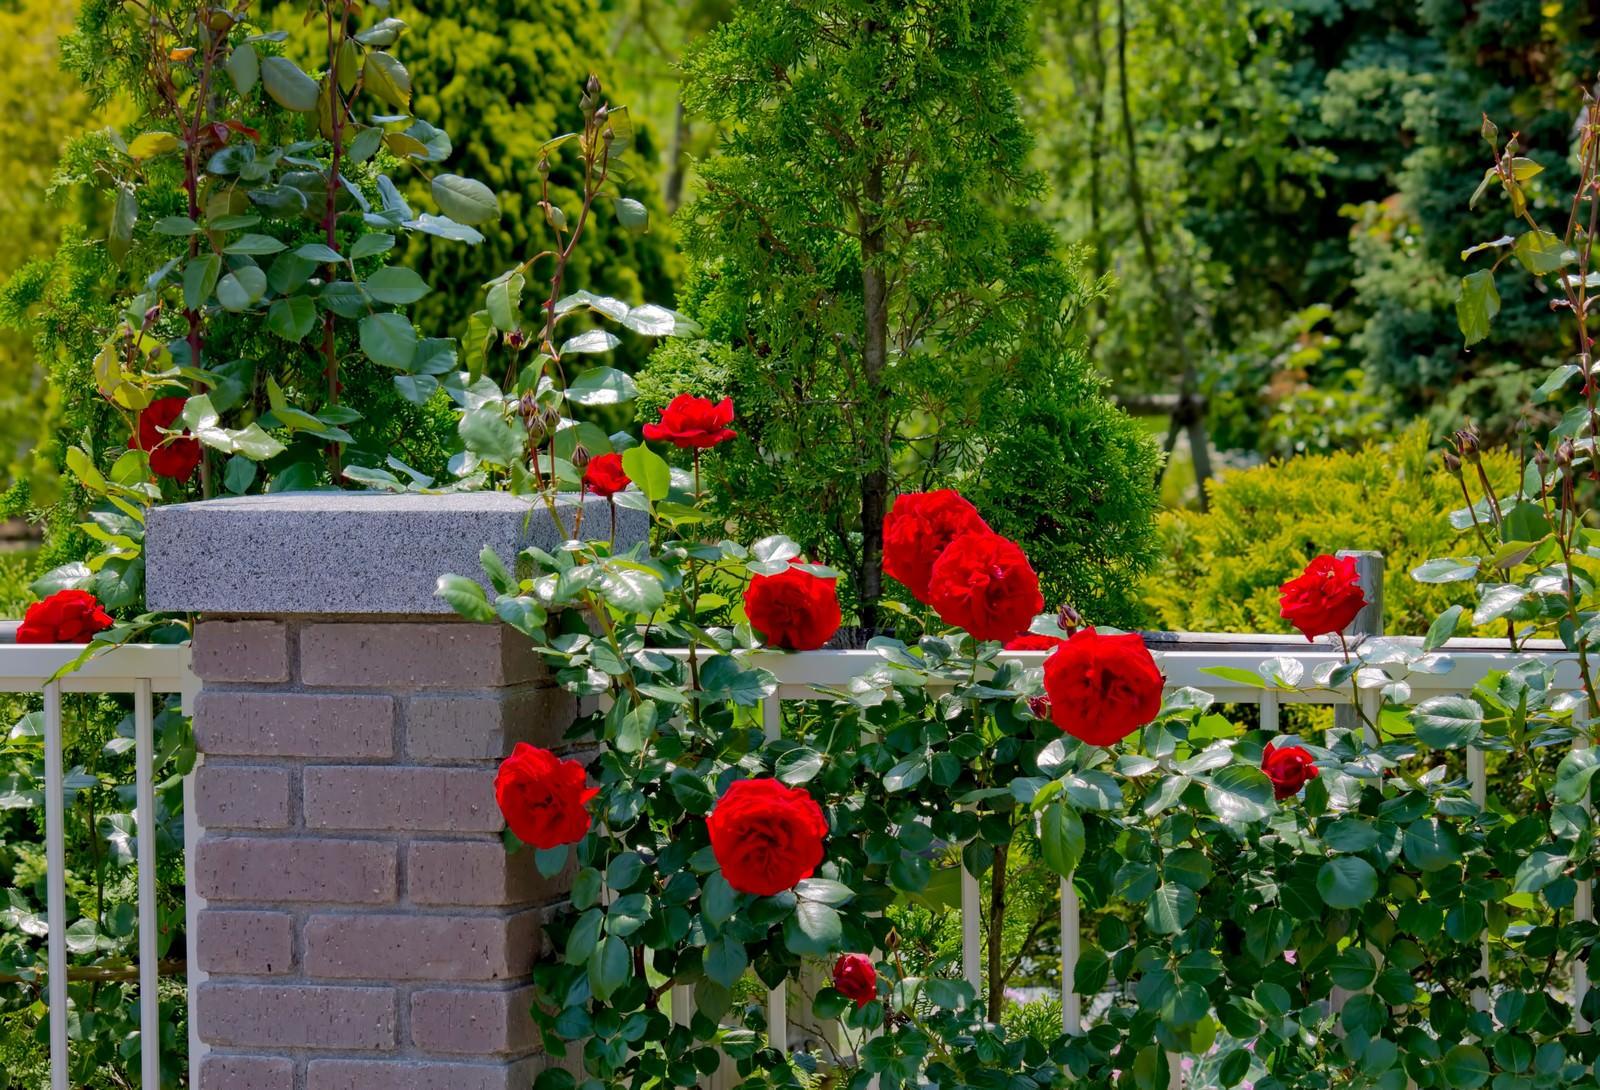 「庭のレンガと赤い薔薇」